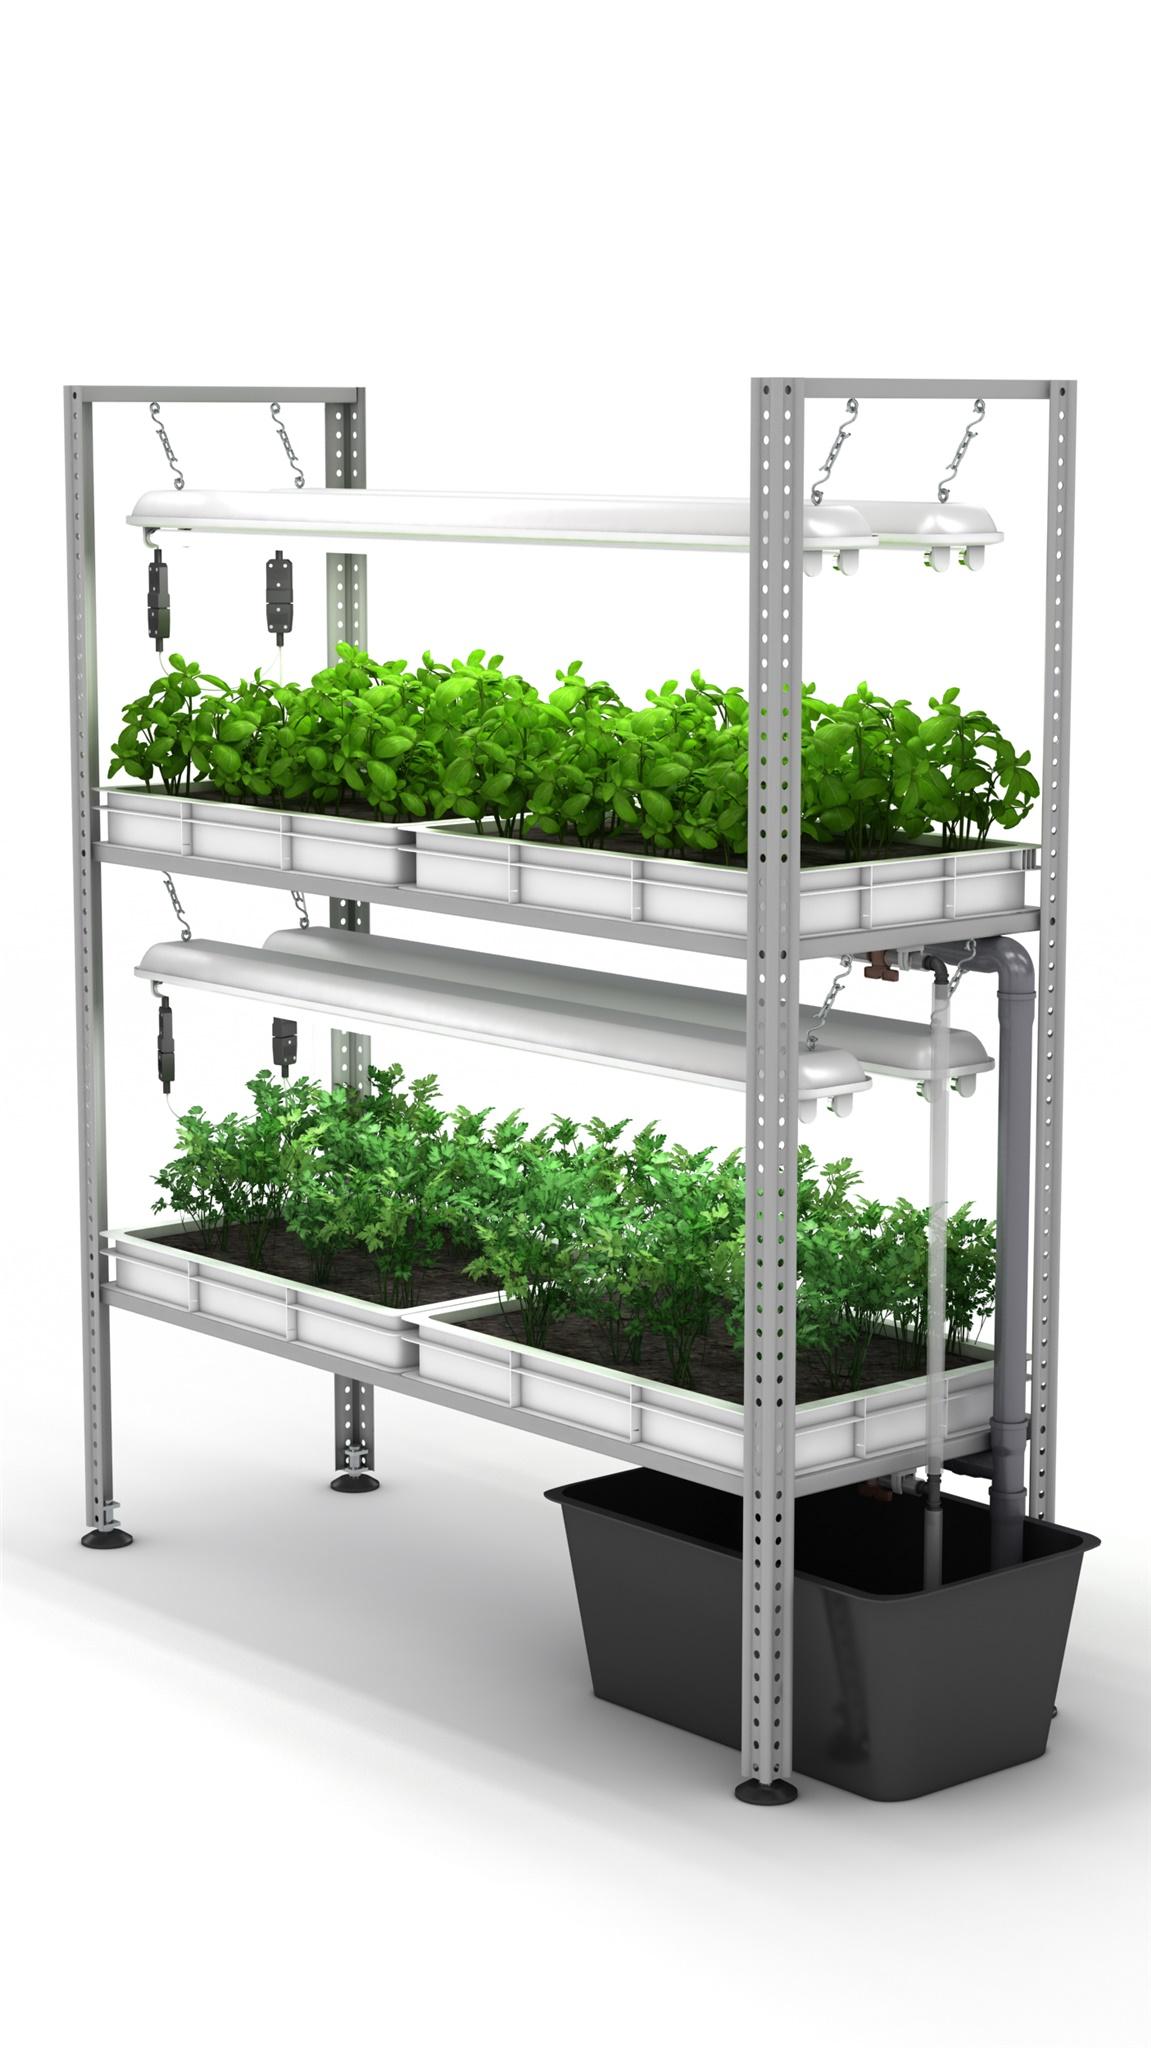 Выращивание зелени на продажу в домашних условиях как 85